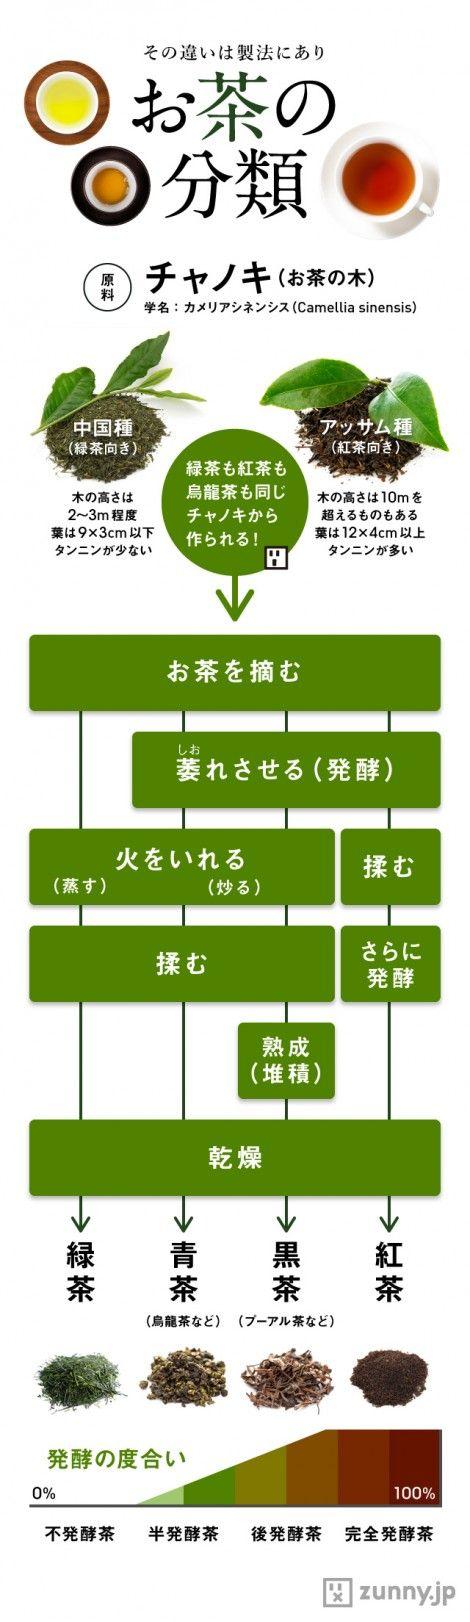 製造法もひと目でわかる「お茶の分類」早見表 | ZUNNY